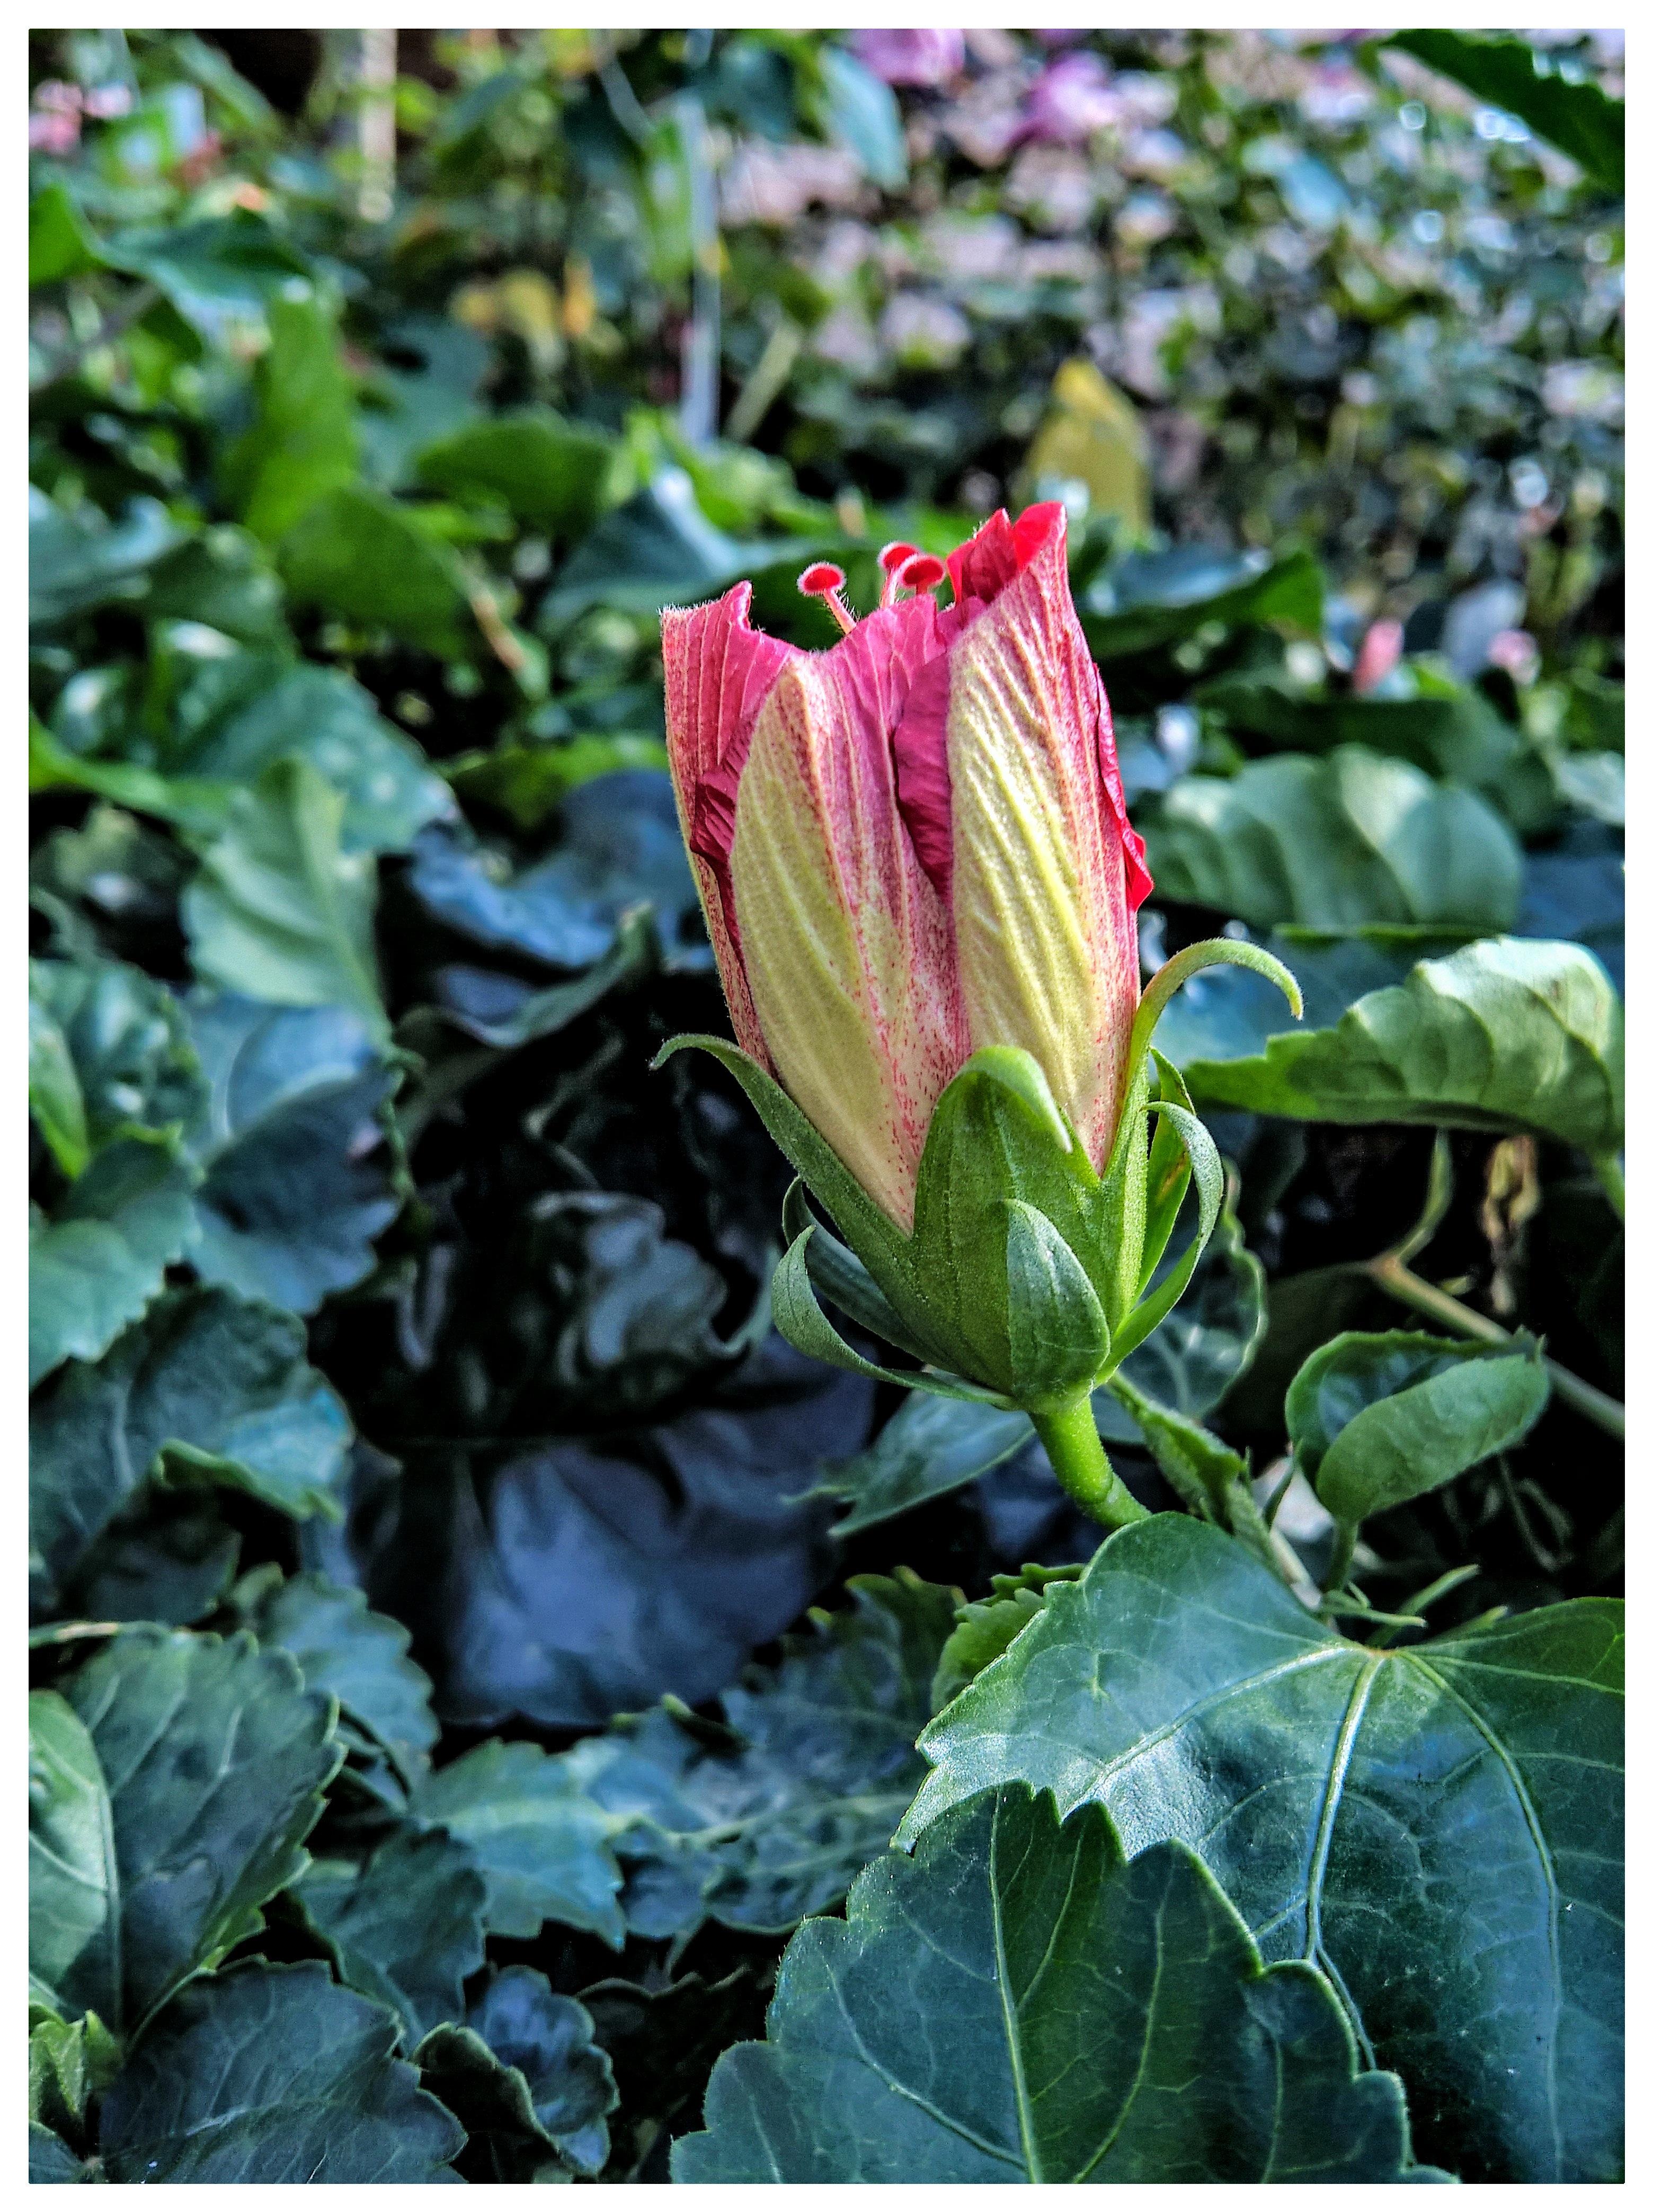 images gratuites : feuille, fleur, botanique, flore, arum, plante à